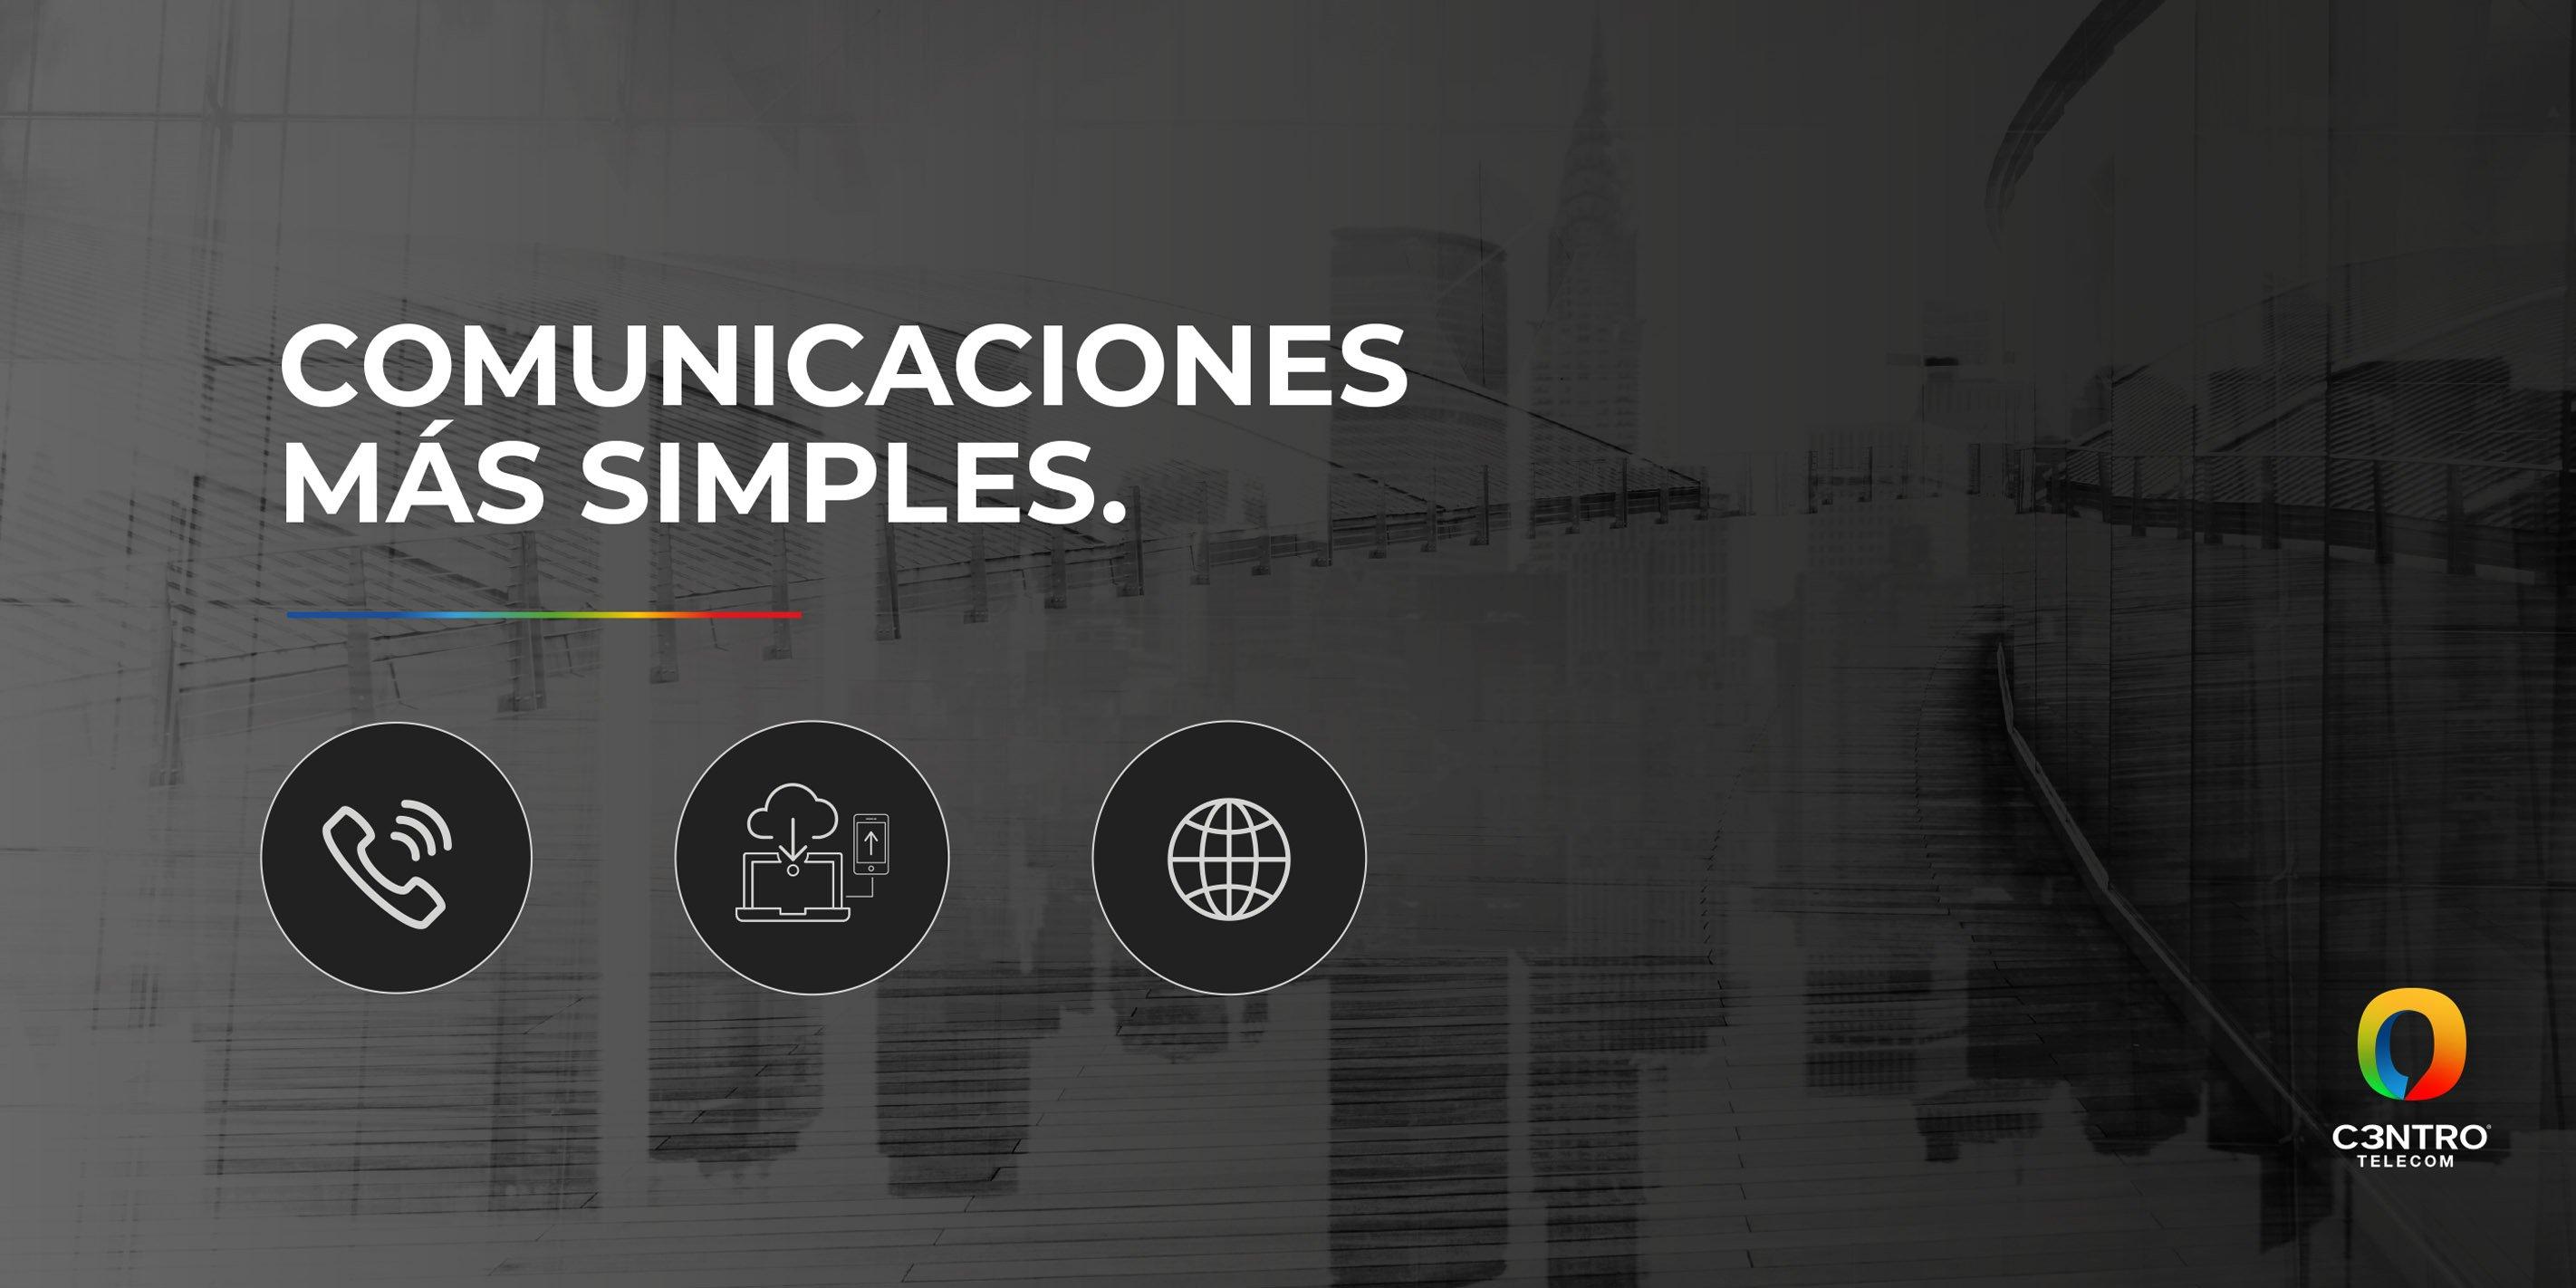 servicios-admnistrados-C3ntro